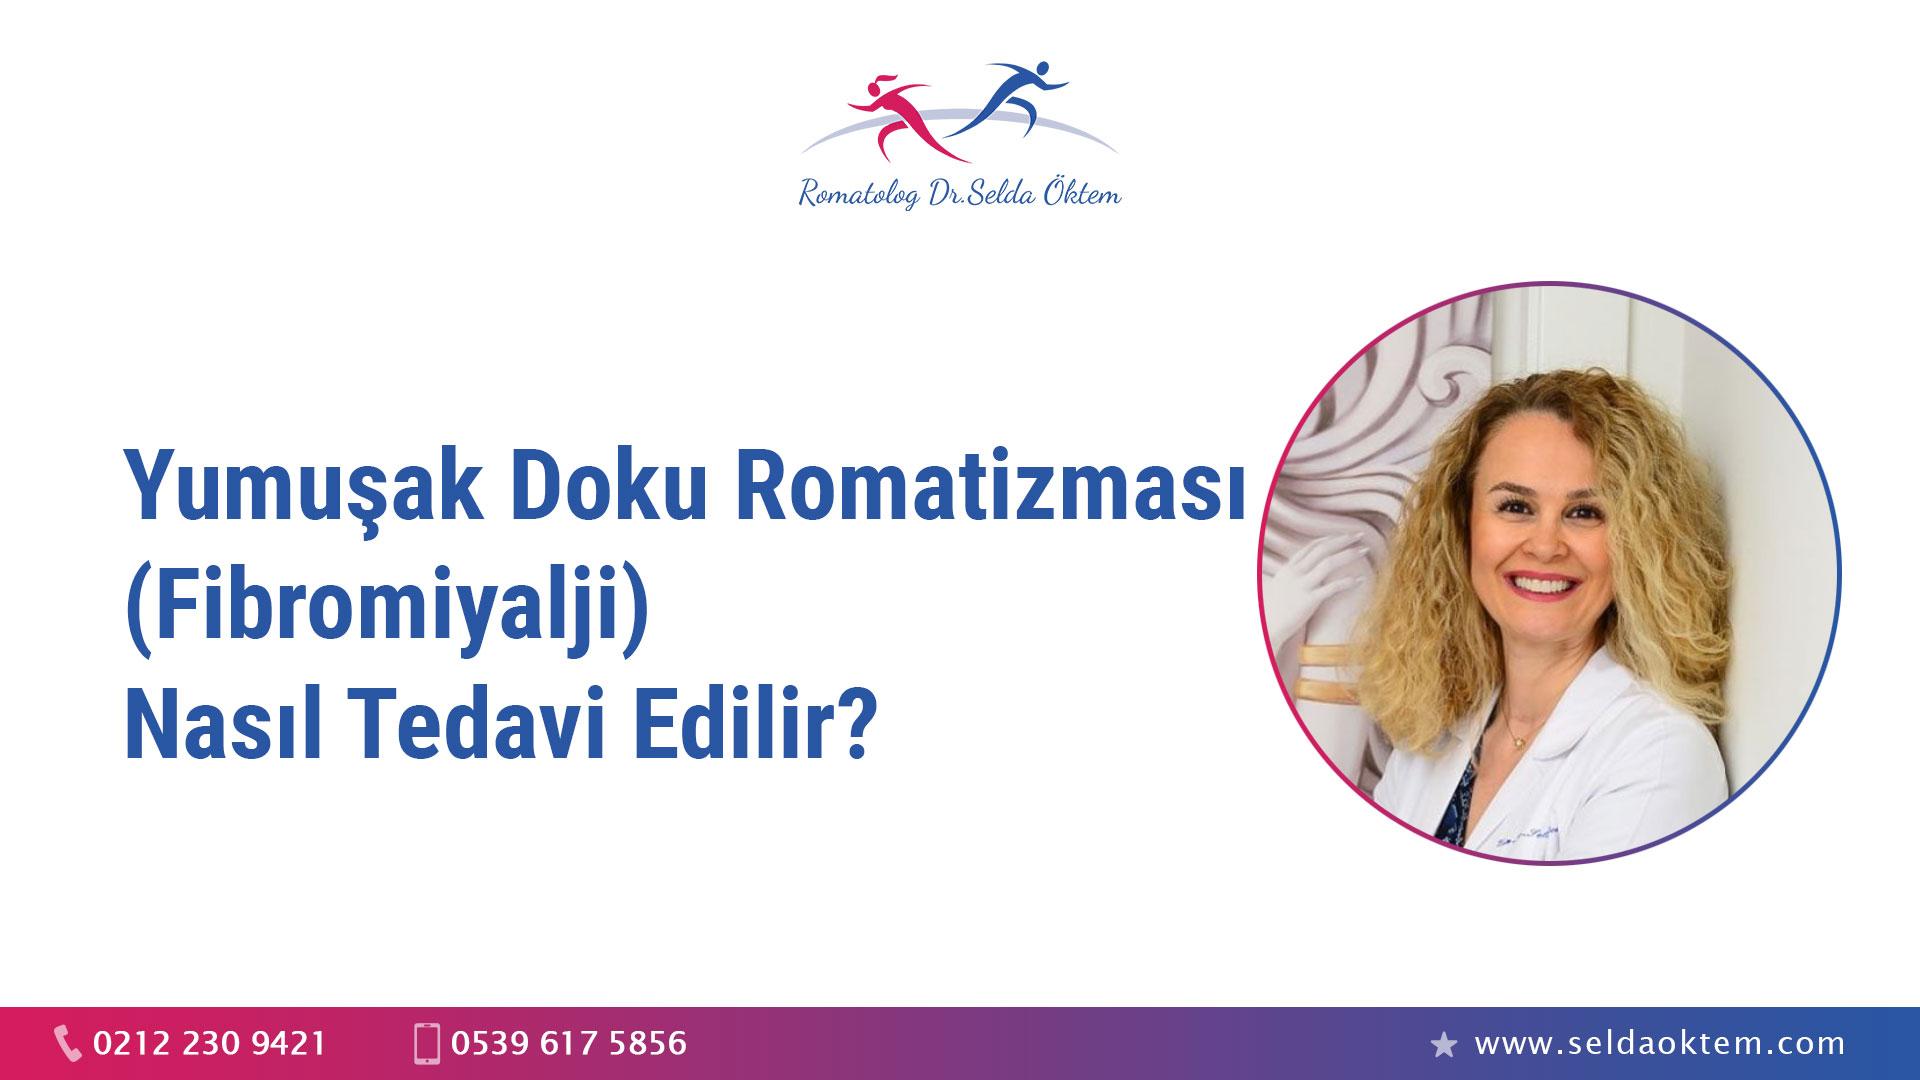 Yumuşak doku romatizması (Fibromiyalji) nasıl tedavi edilir?